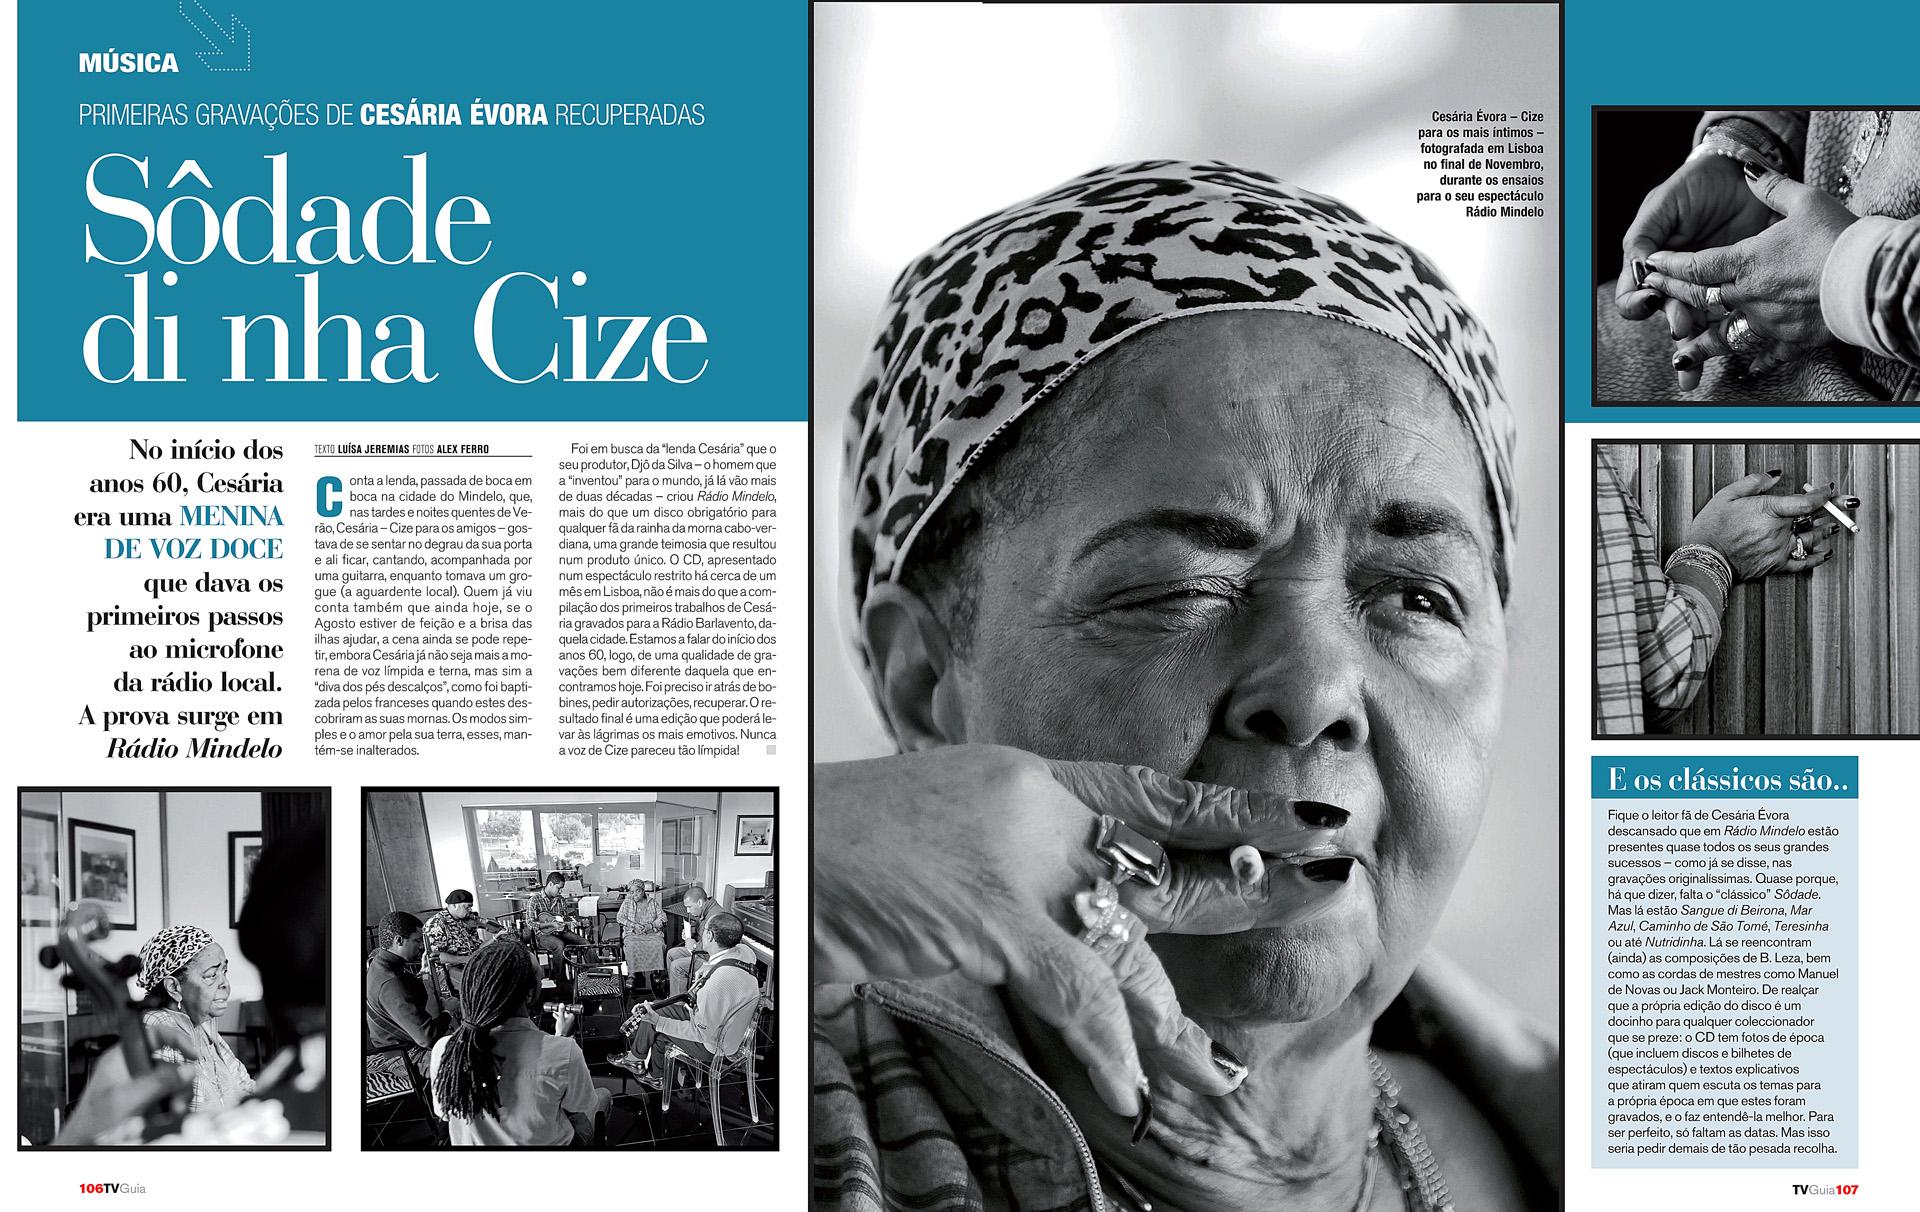 entrevista-cesaria-evora-lisboa-2008